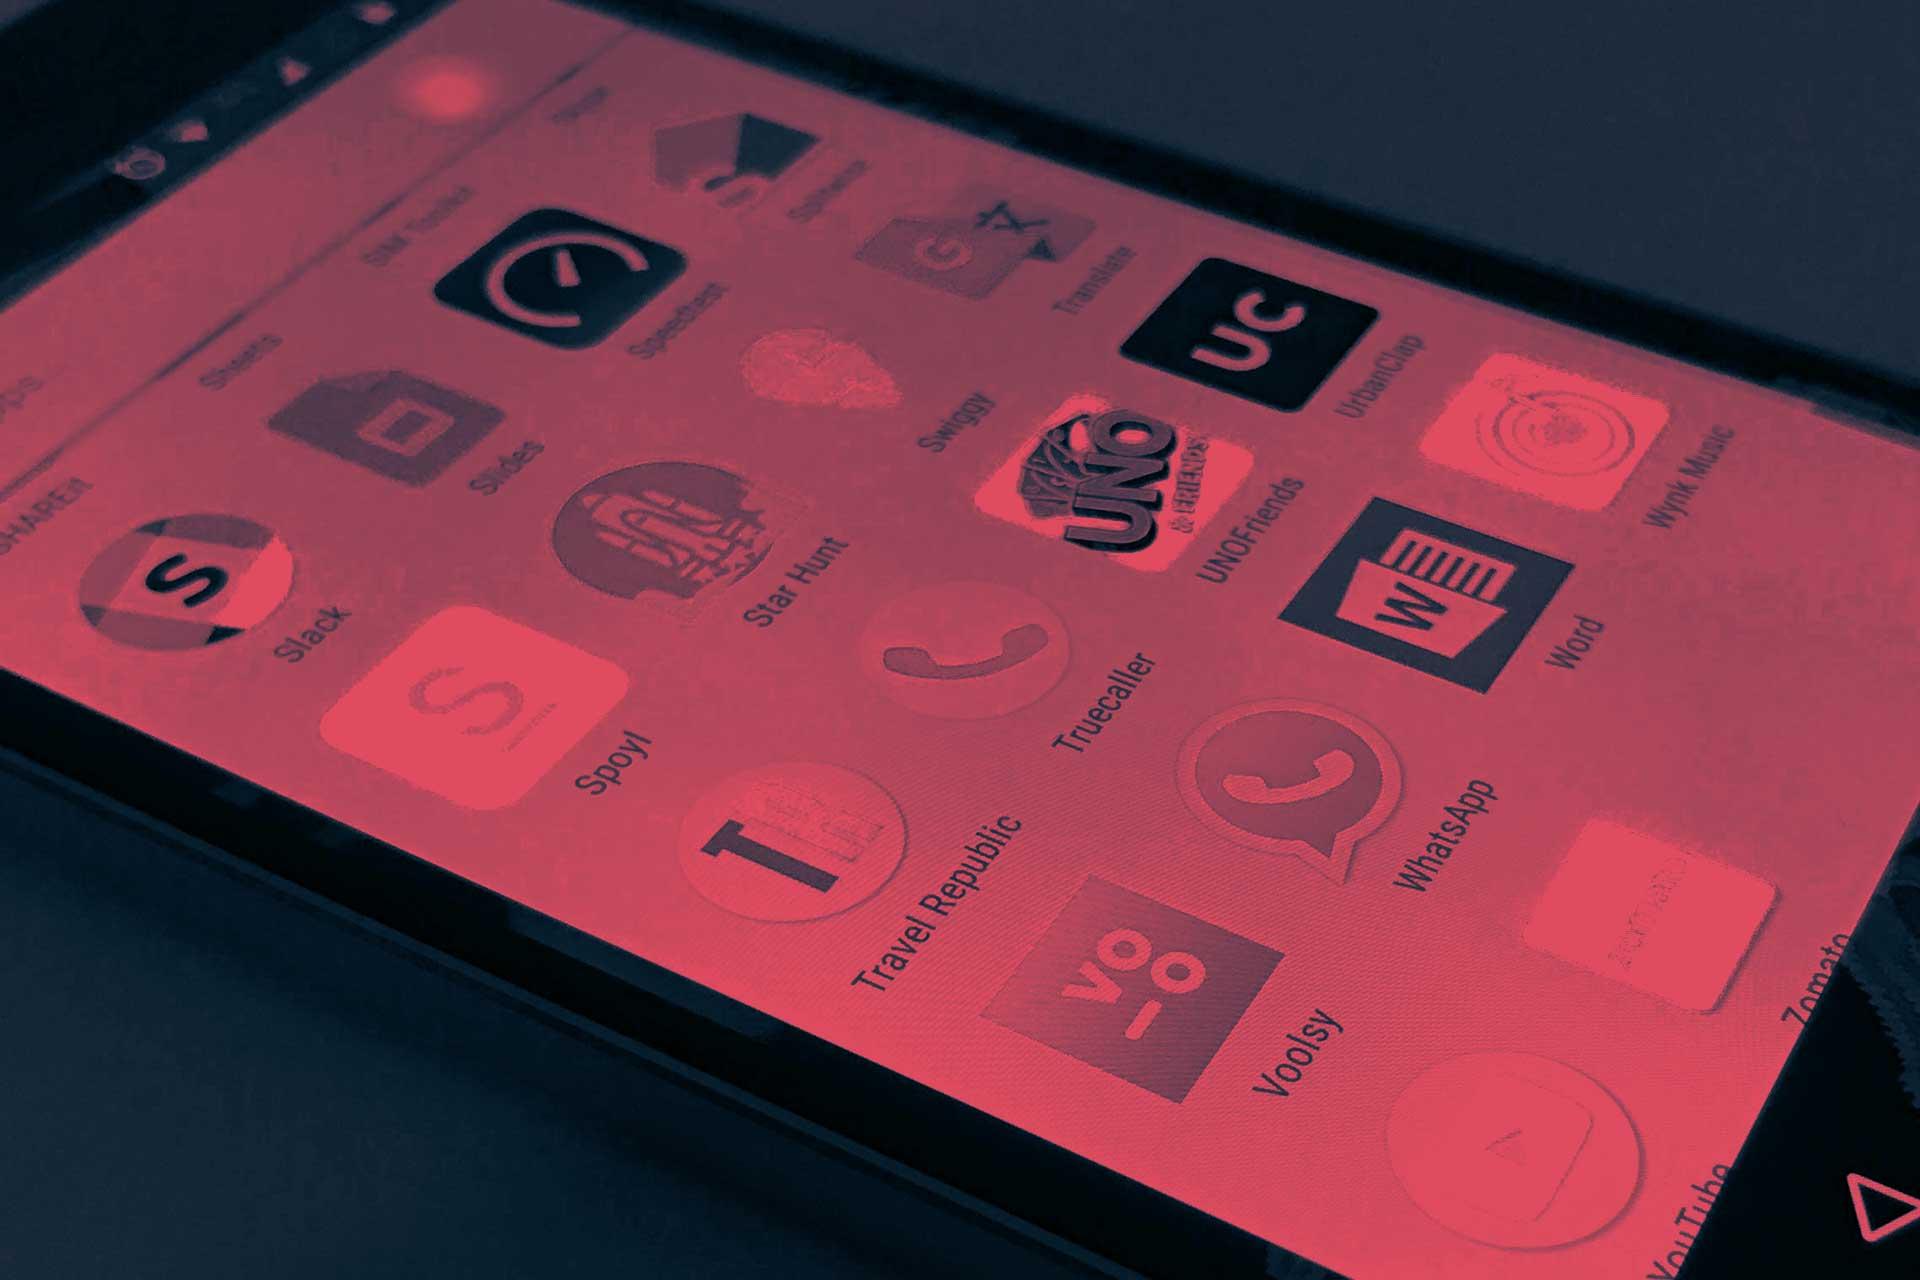 L'inutile estetica nell'icona di un'app: il caso Instagram